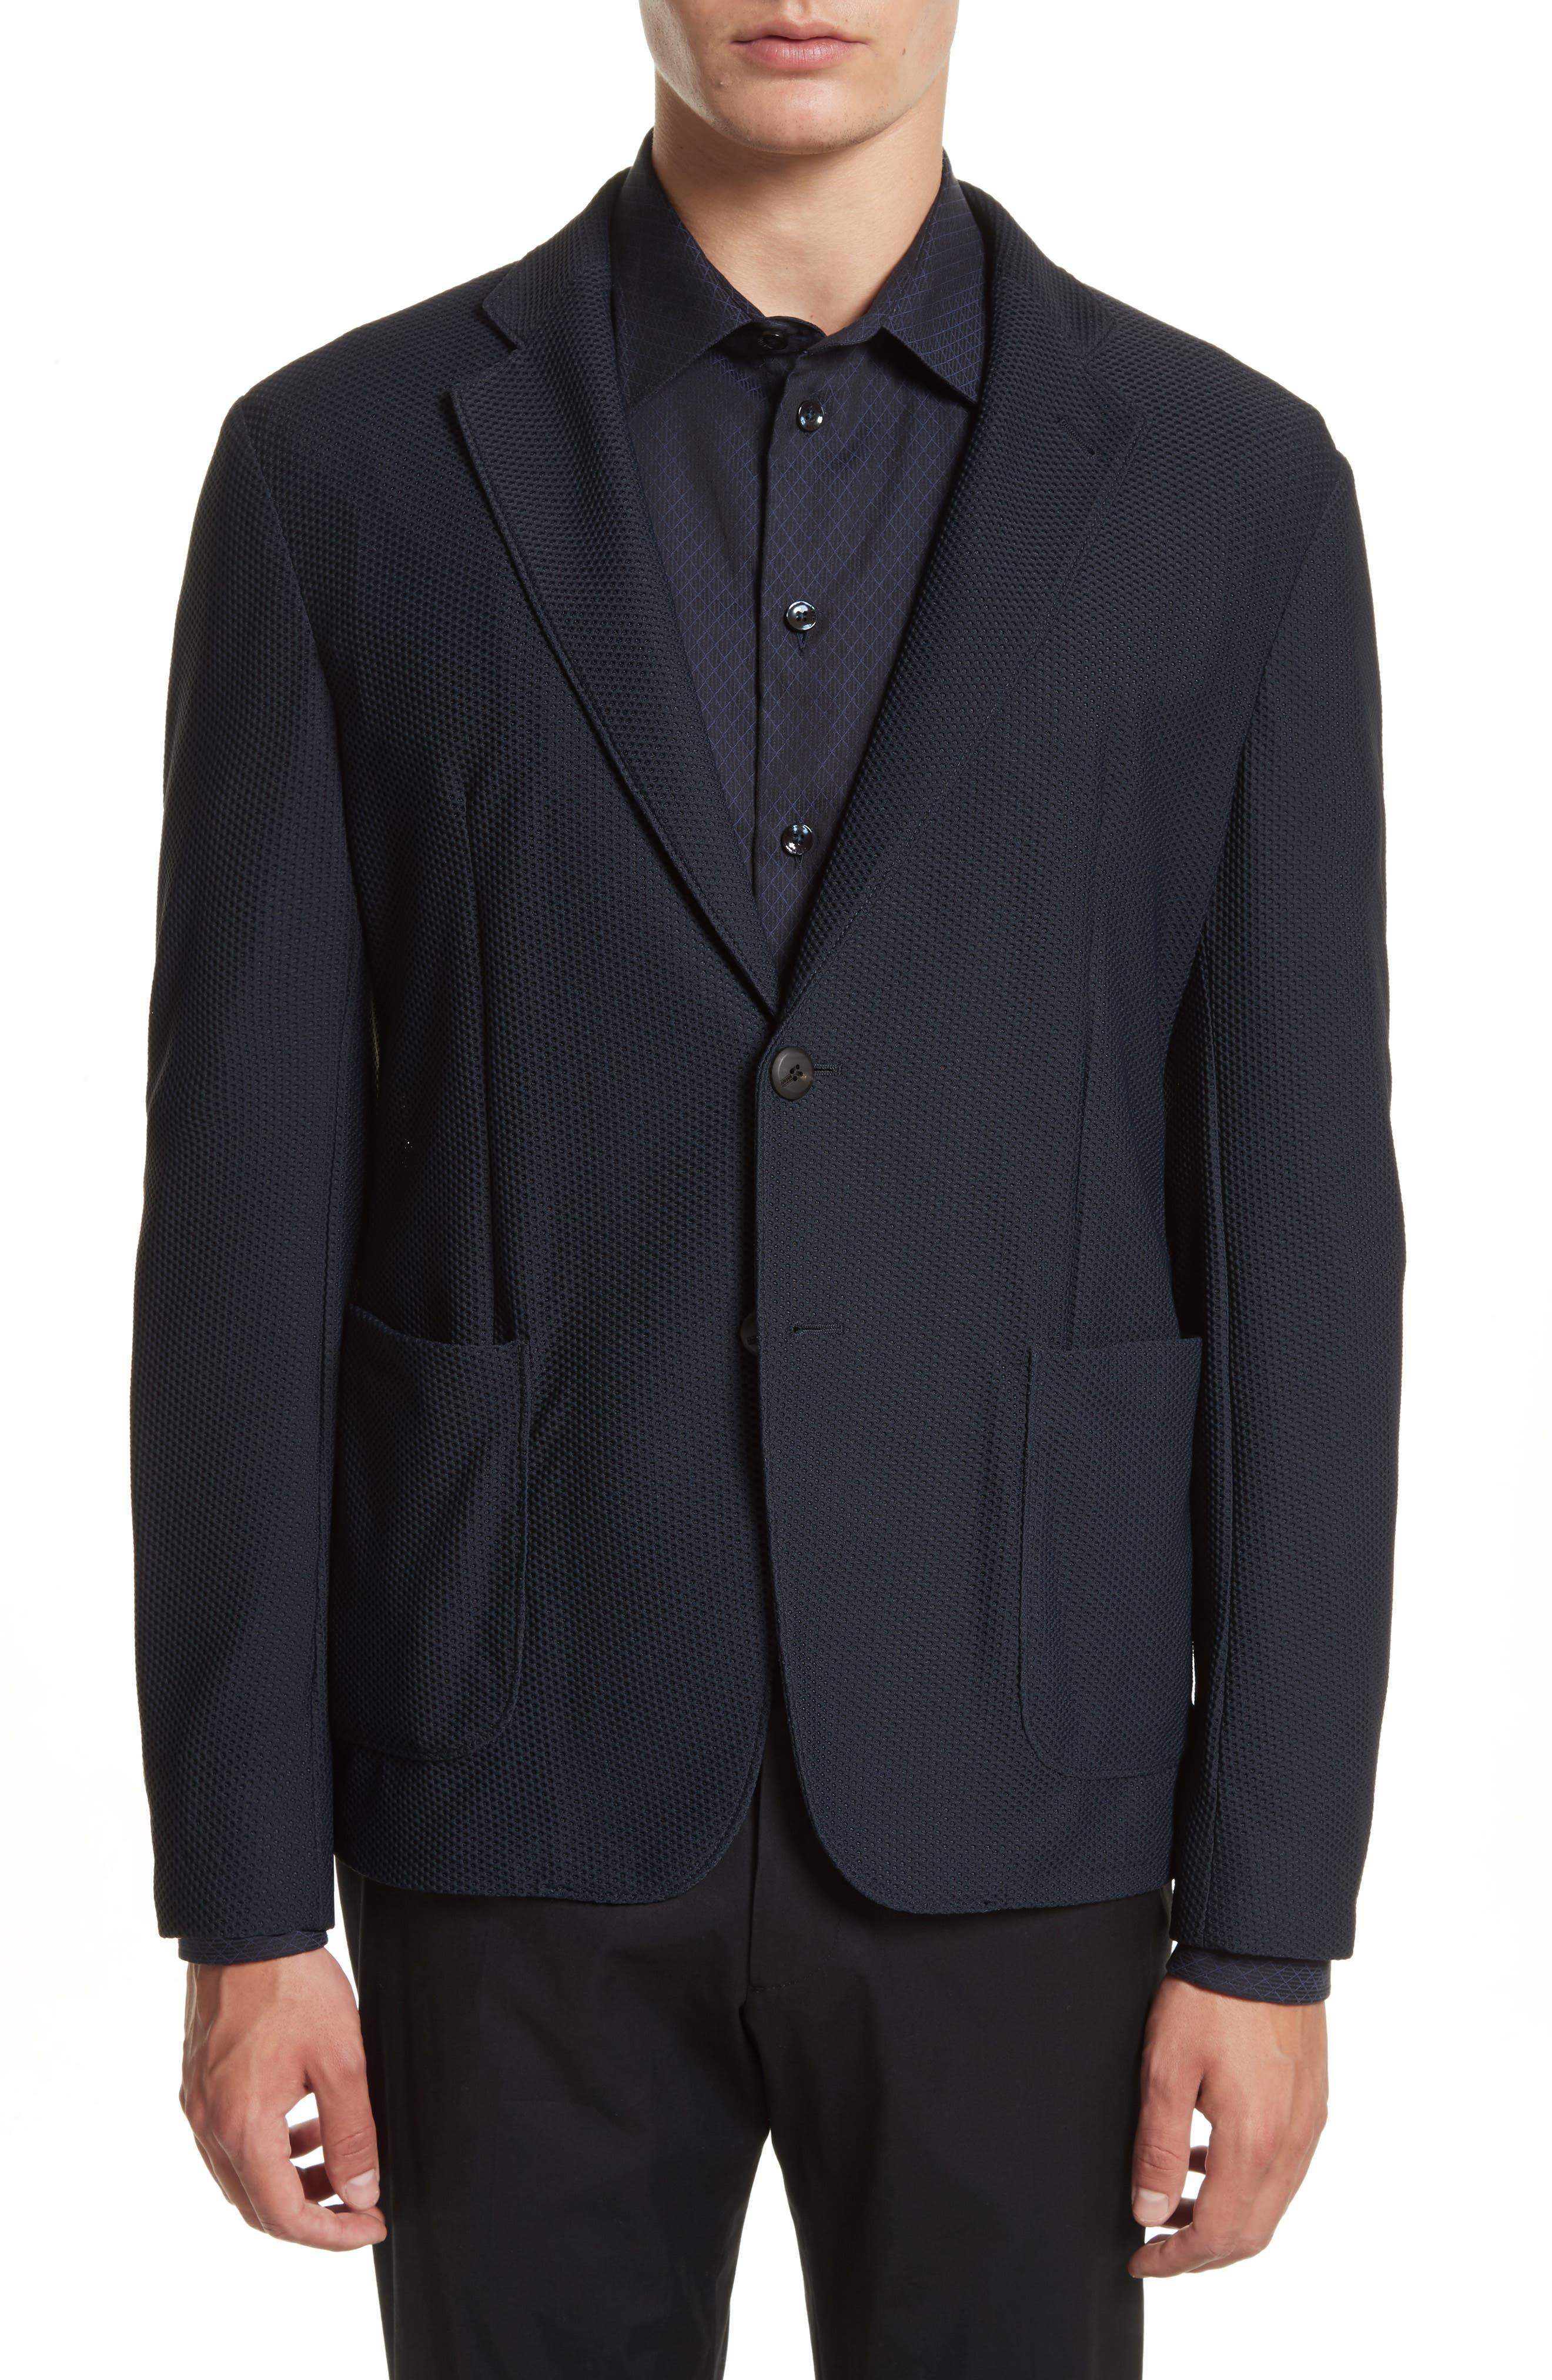 Main Image - Armani Collezioni Mesh Knit Jacket